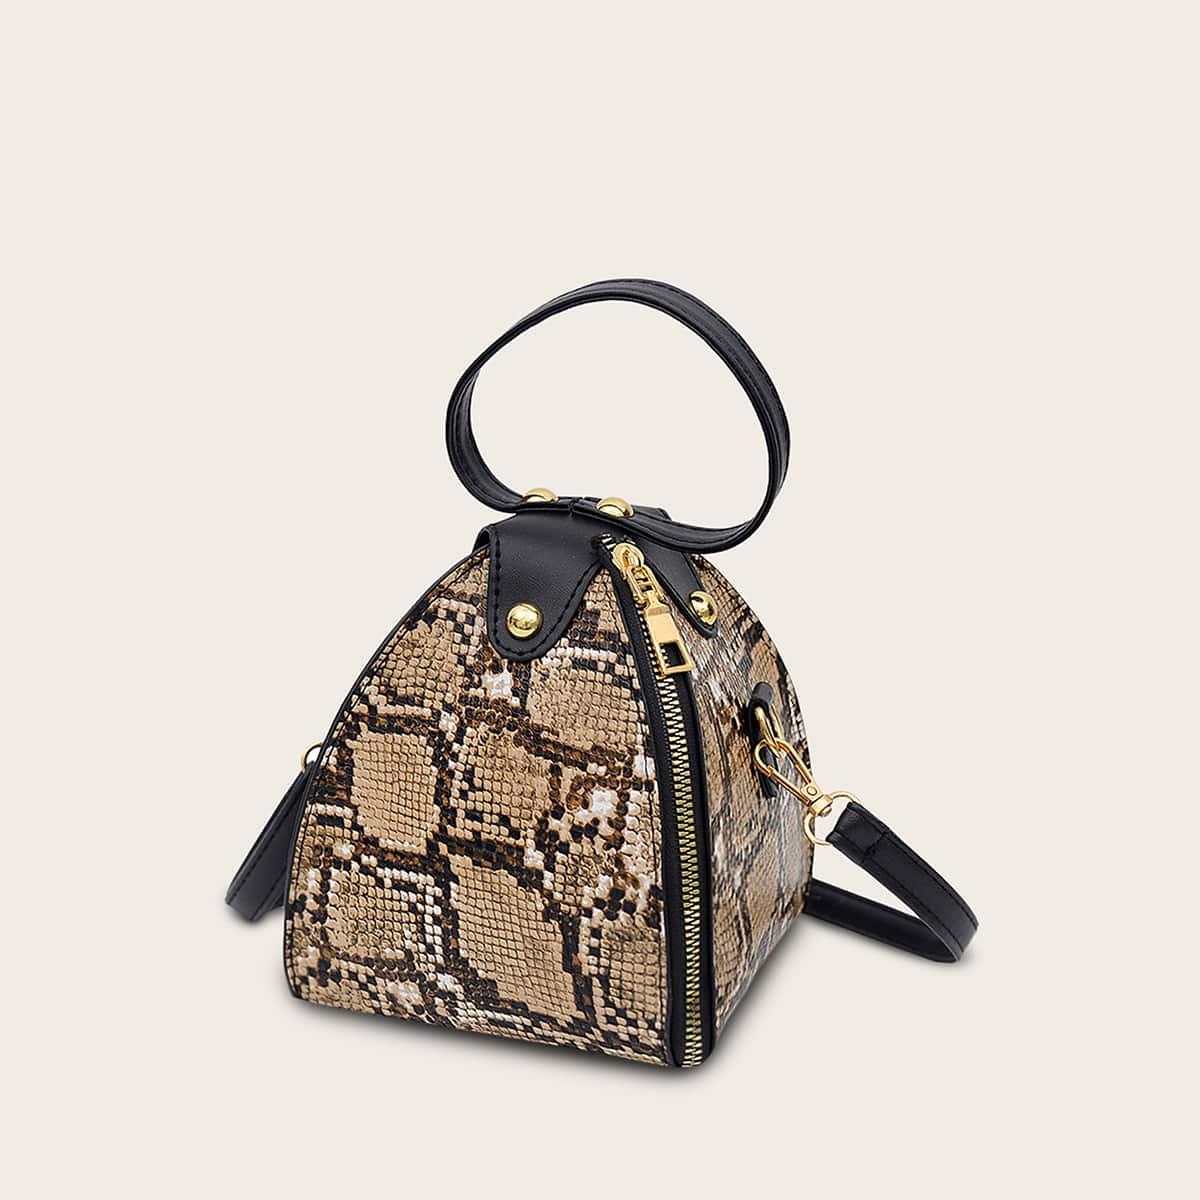 Сумка-портфель с змеиным принтом от SHEIN